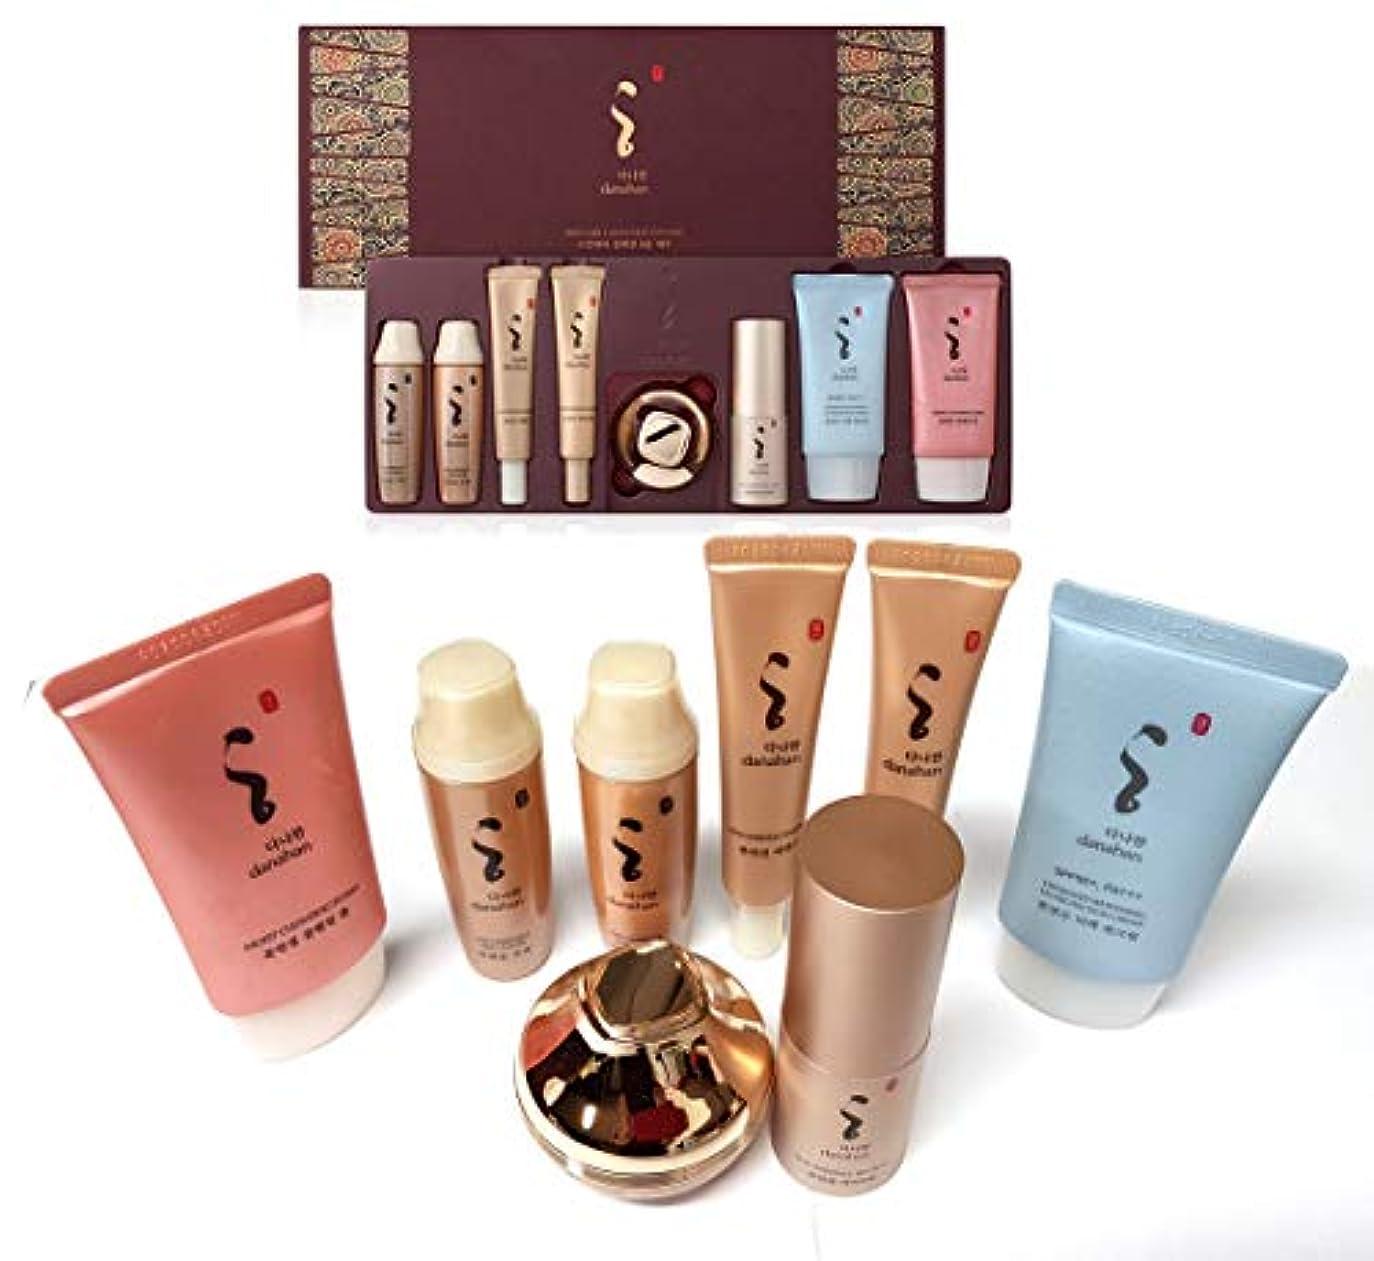 国旗断線準備ができて[DANAHAN] スキンケアコレクションギフト8本セット/ Skin Care Collection gift 8pcs set/モイスチャー、ハーバルフルイド/Moisture, herbal fluidn/韓国化粧品...